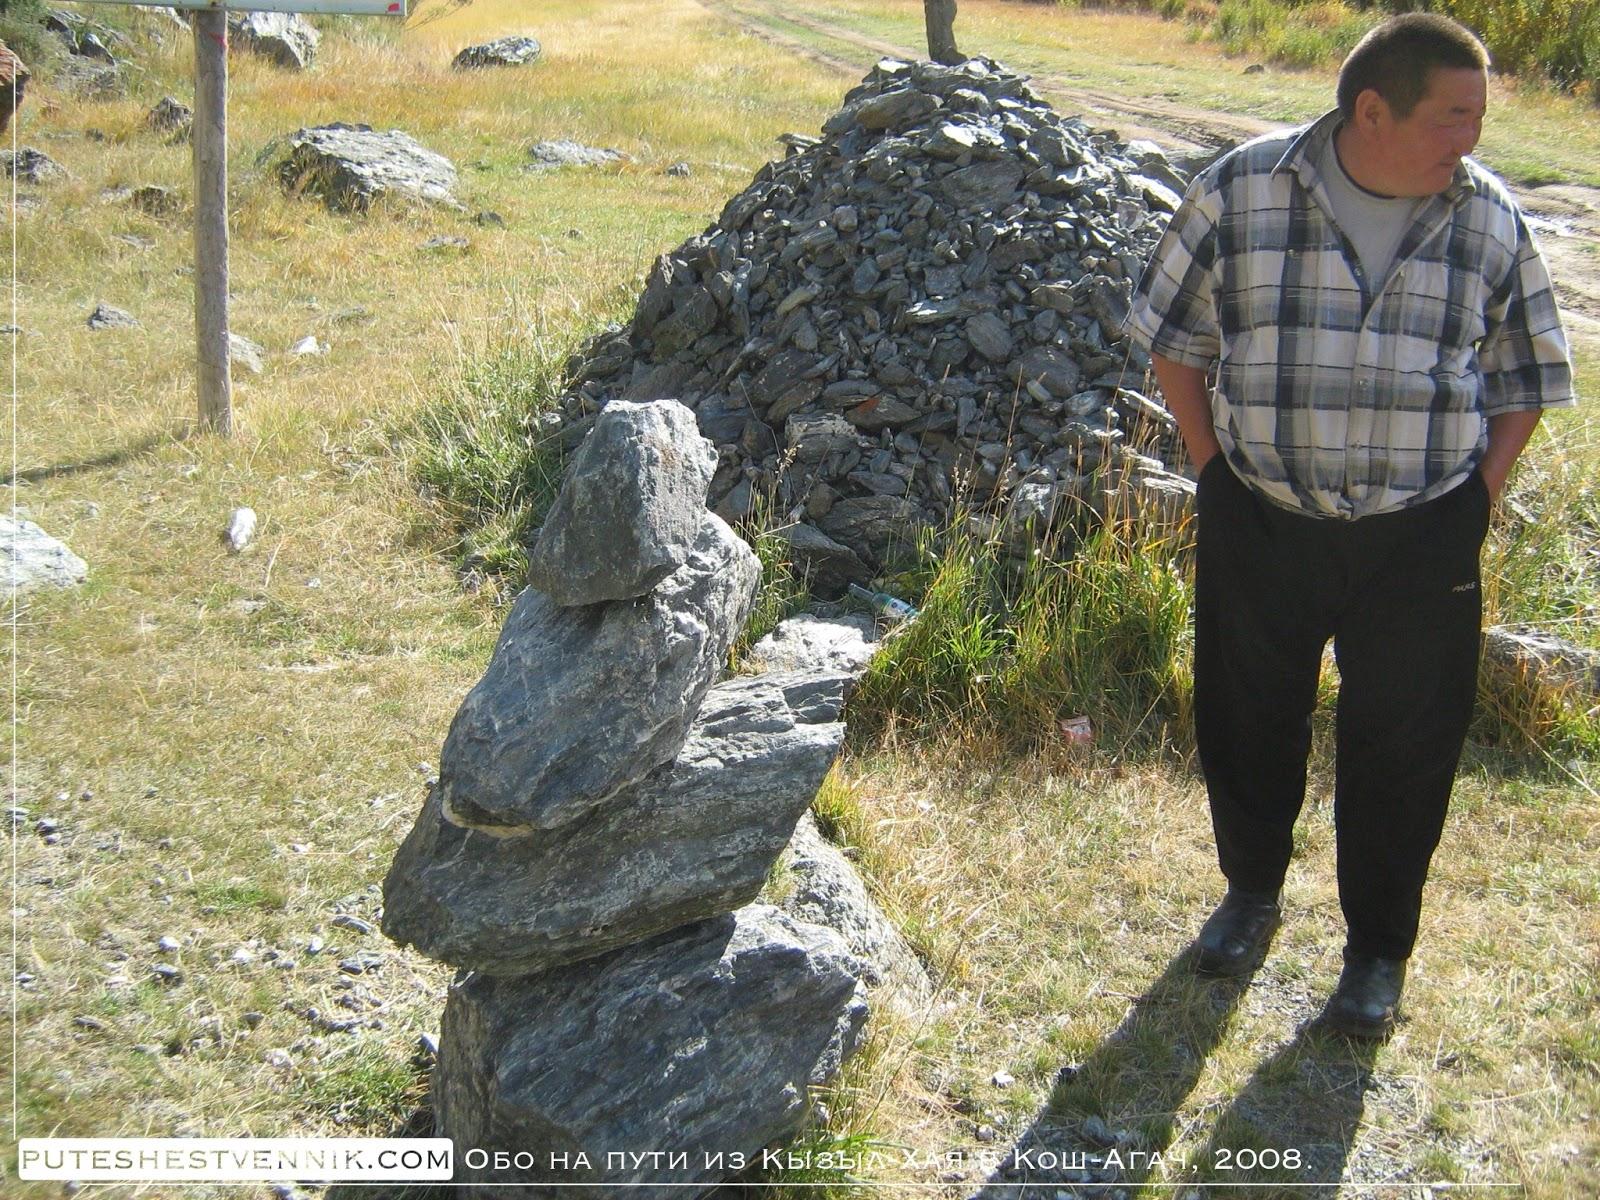 Тувинец и обо с камнями